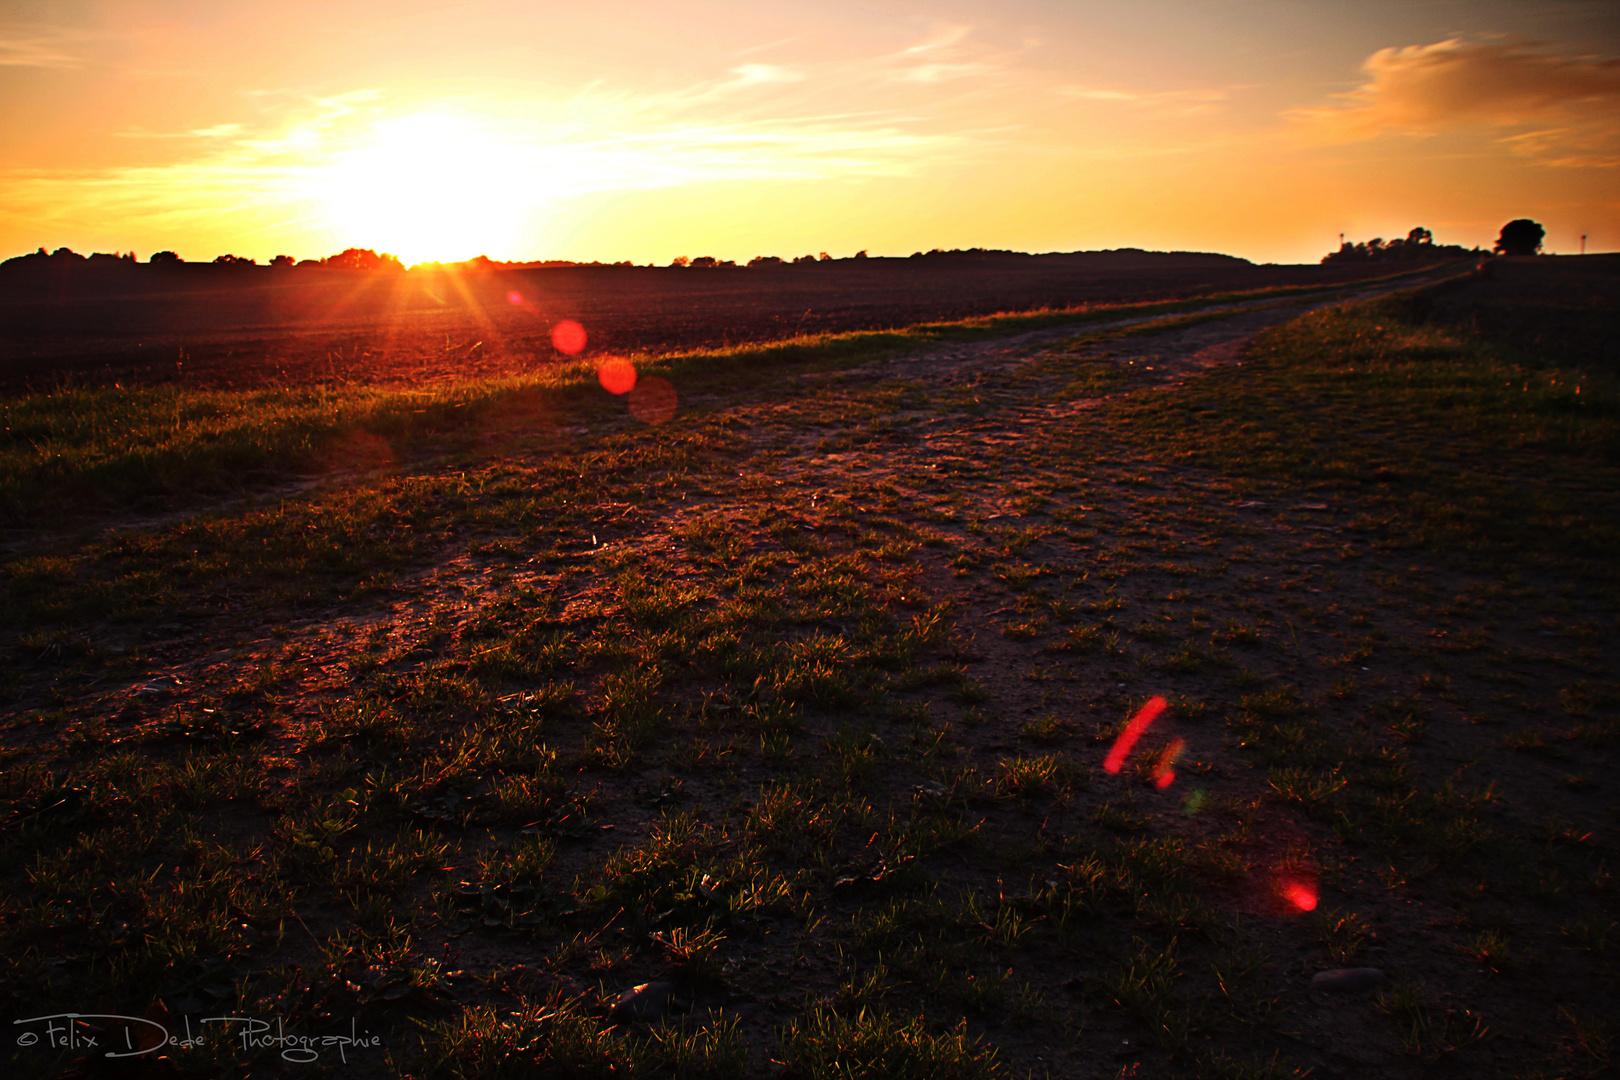 Emotional Sunset